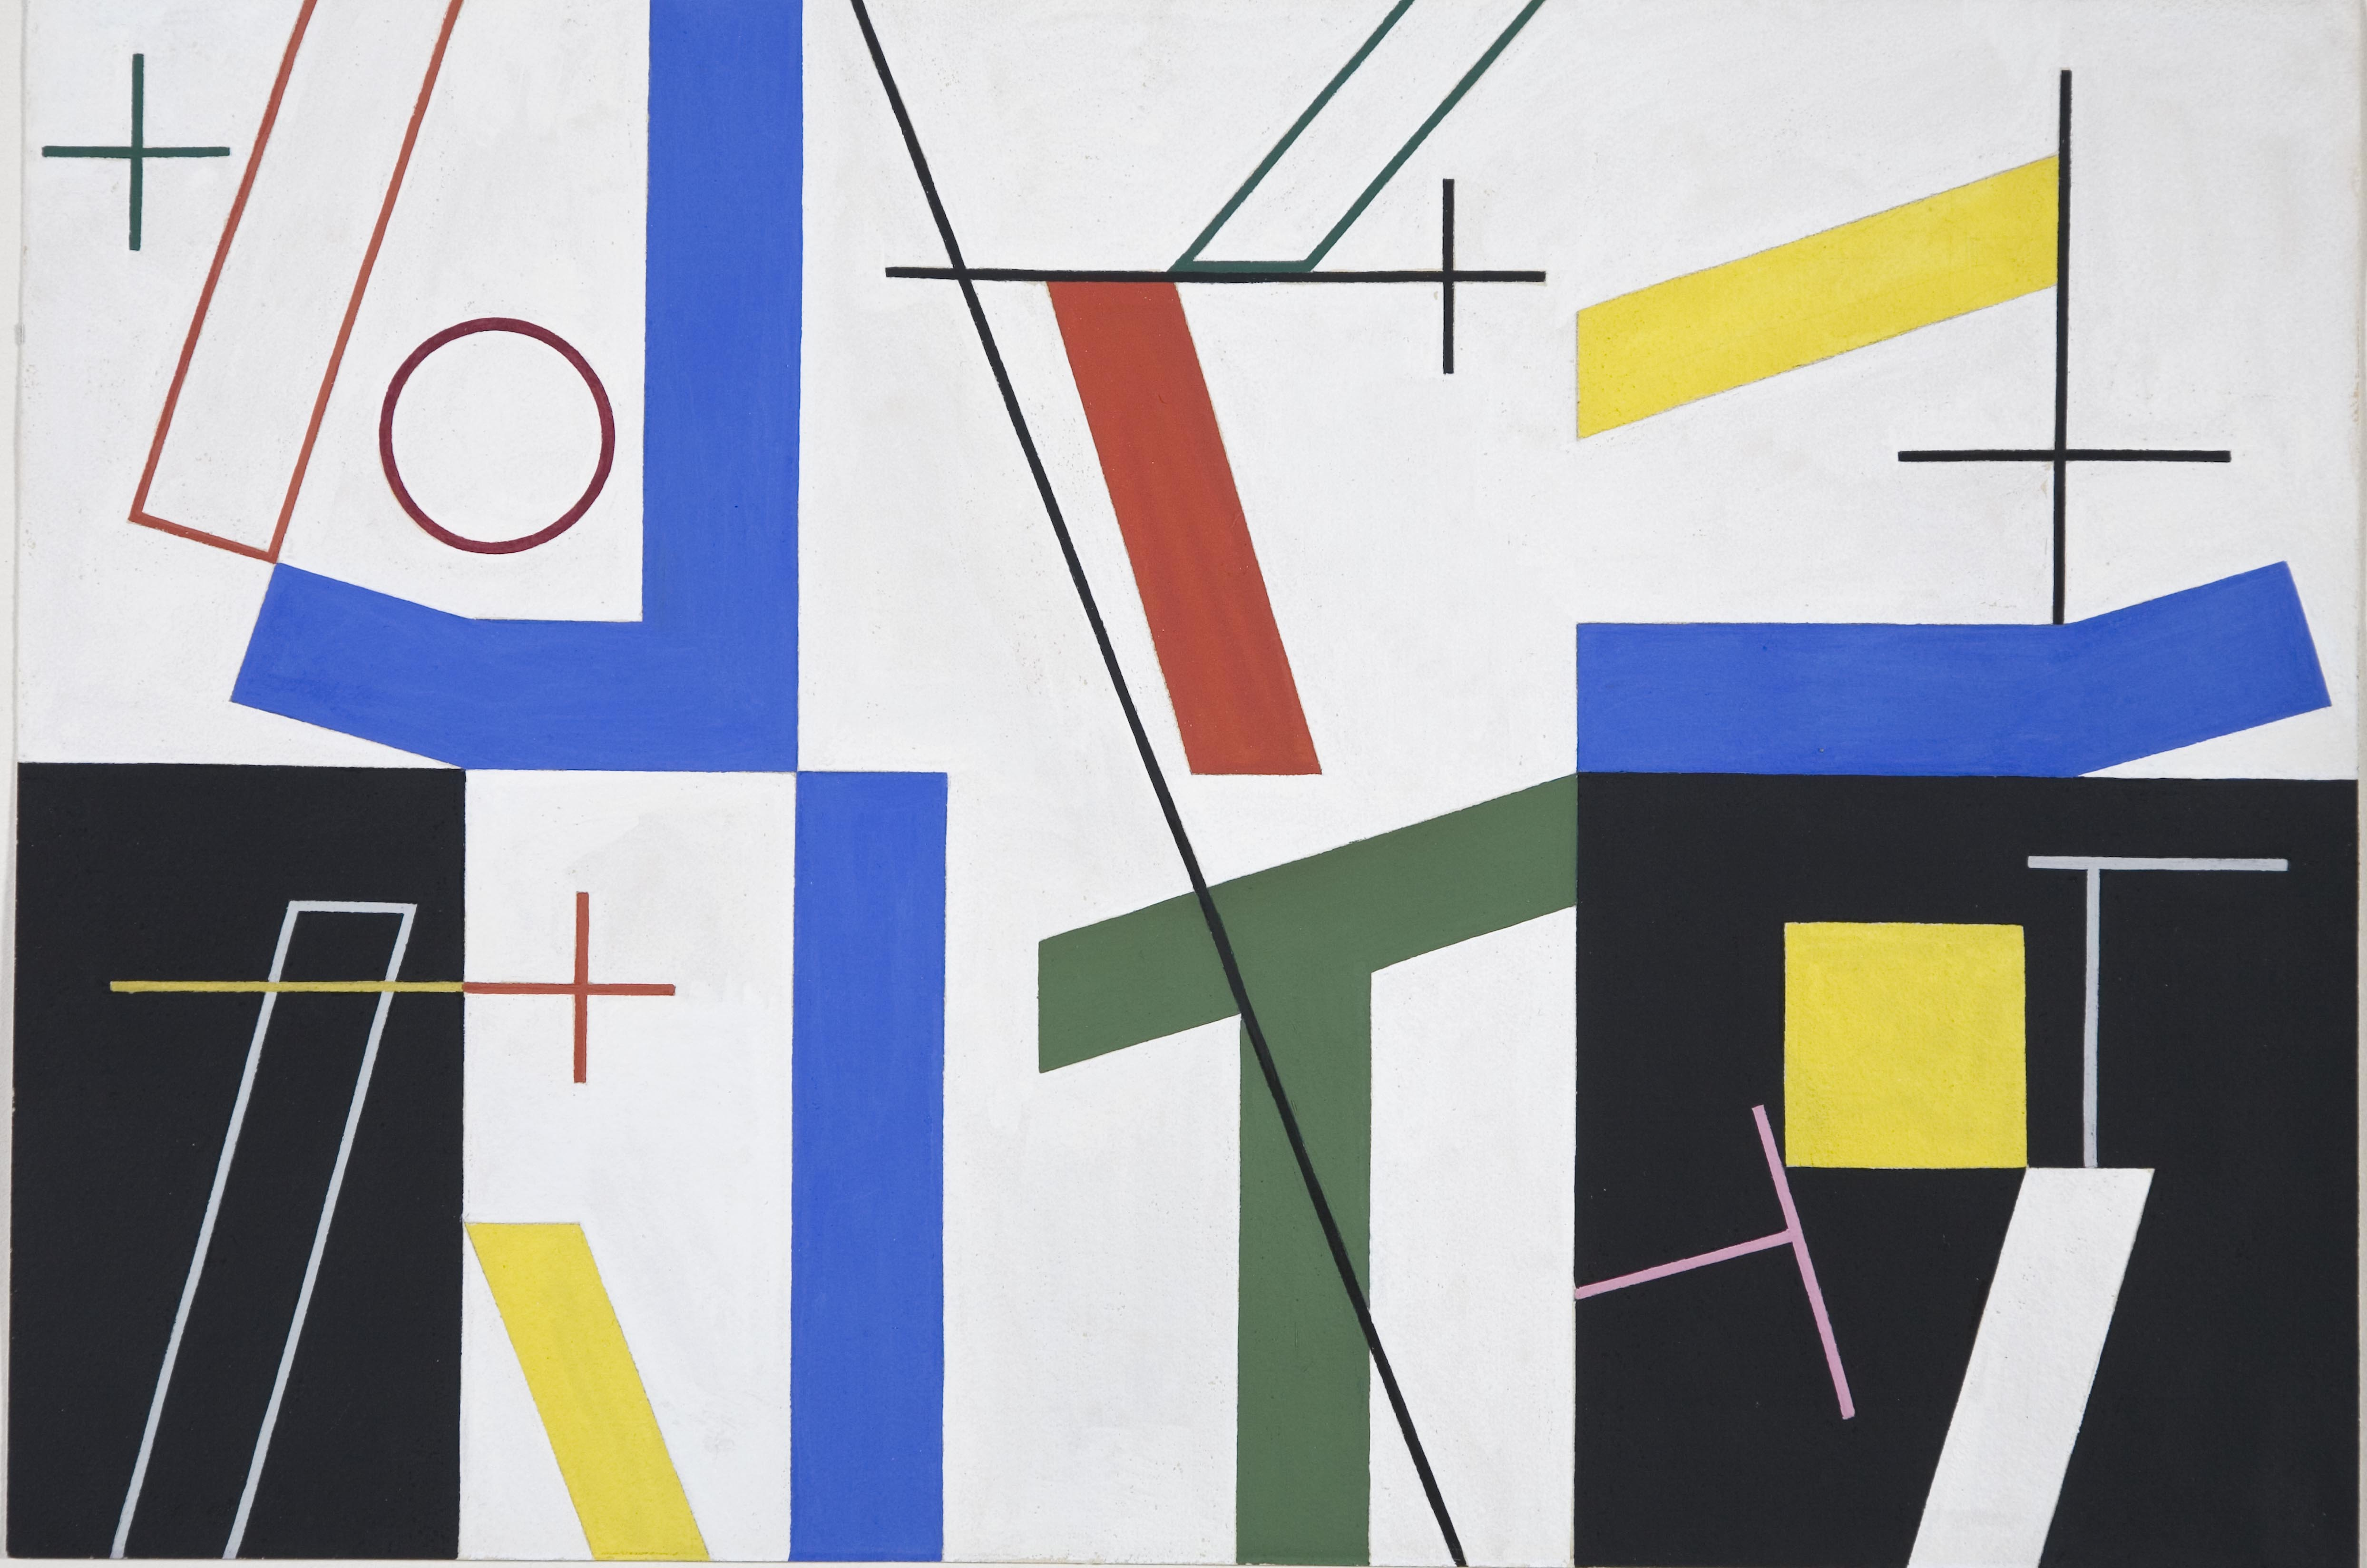 Sophie Taeuber-Arp, Six espaces avec croix, 1932, Gouache auf Papier